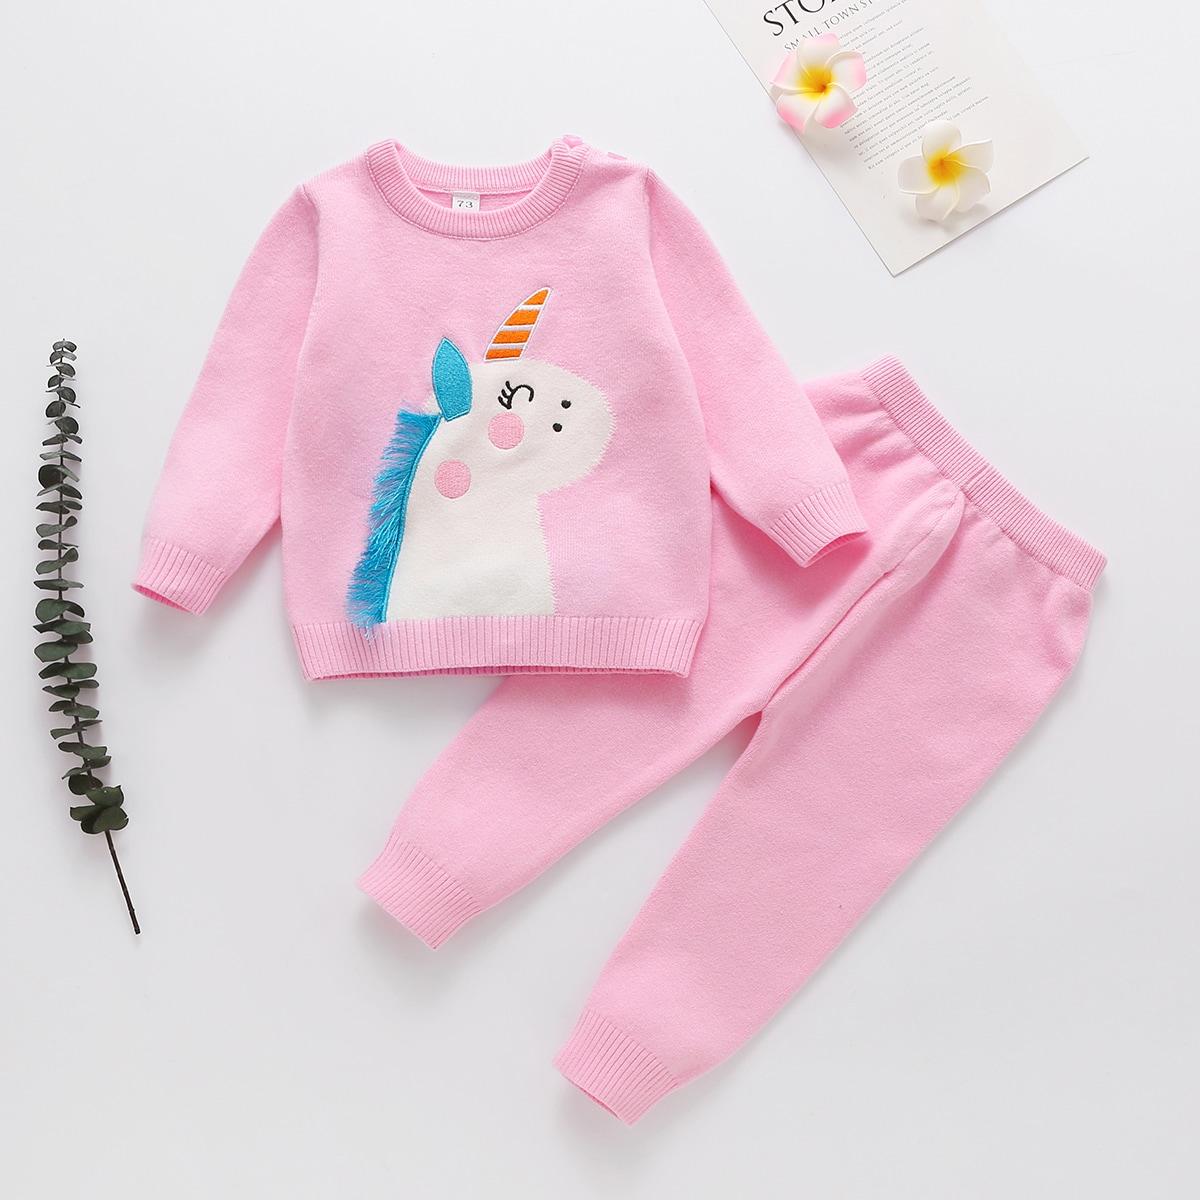 Трикотажные брюки и свитер с узором единорога для девочек